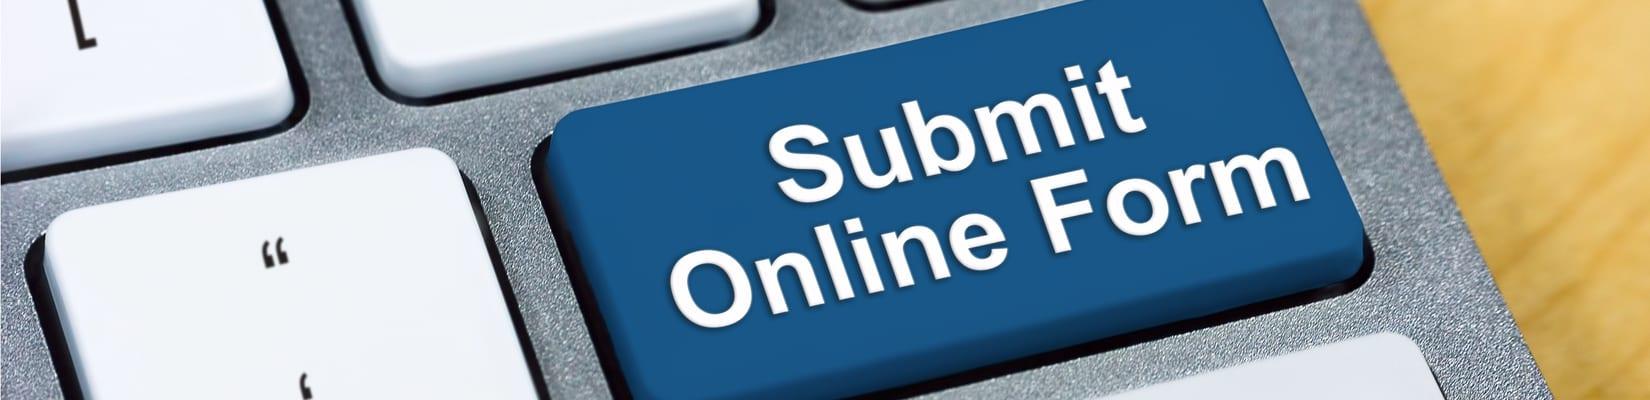 DMS Install Form | Sicon Ltd